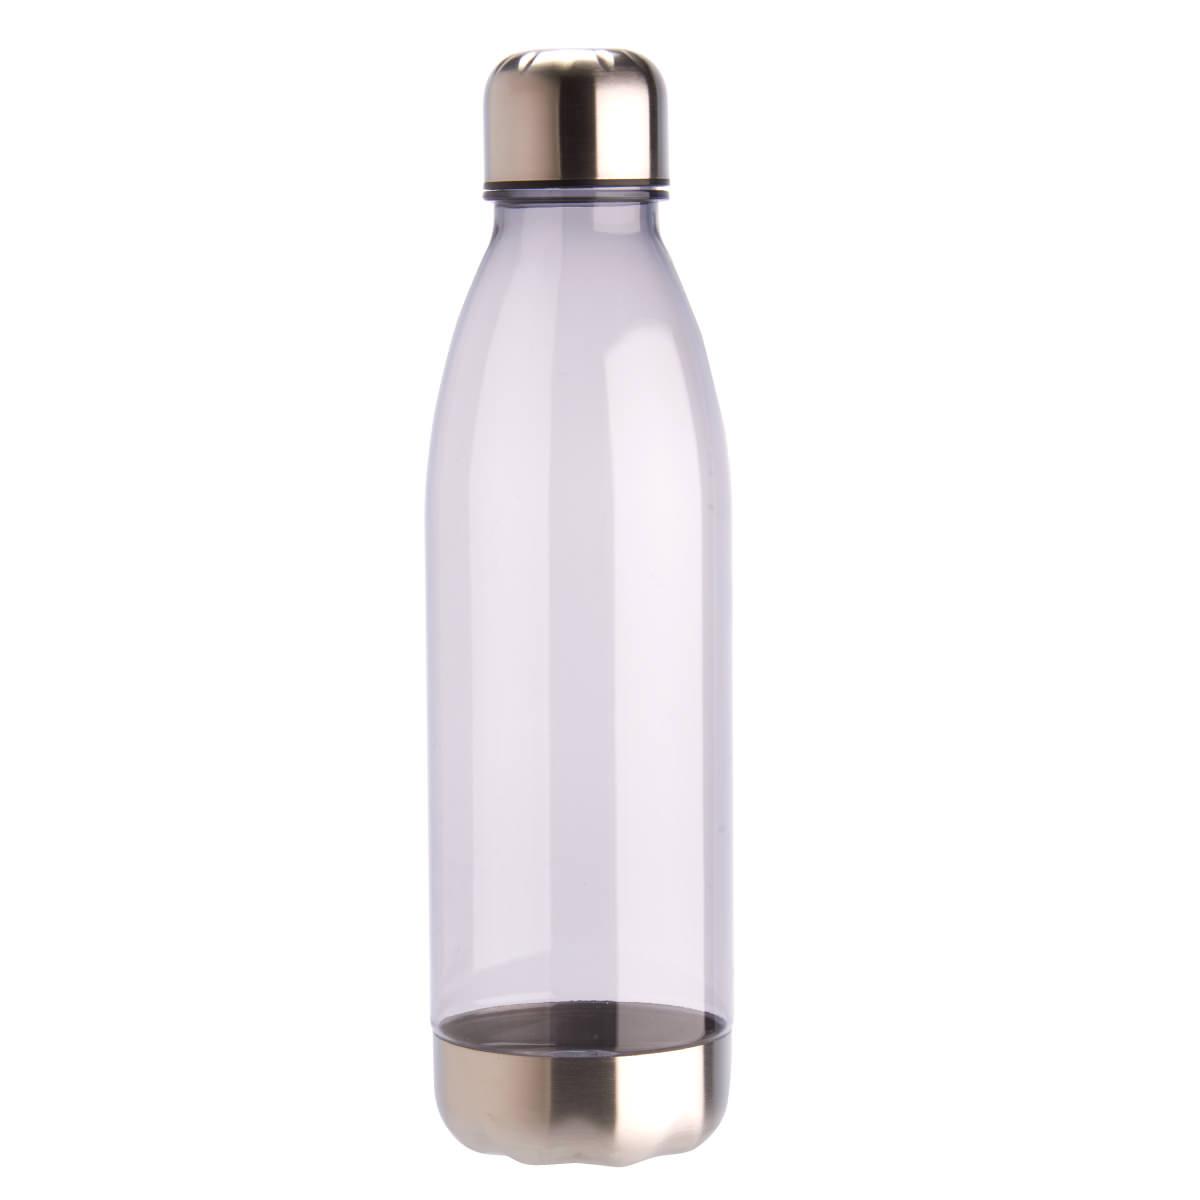 בקבוק שתיה עם פקק הברגה ותחתית מנירוסטה